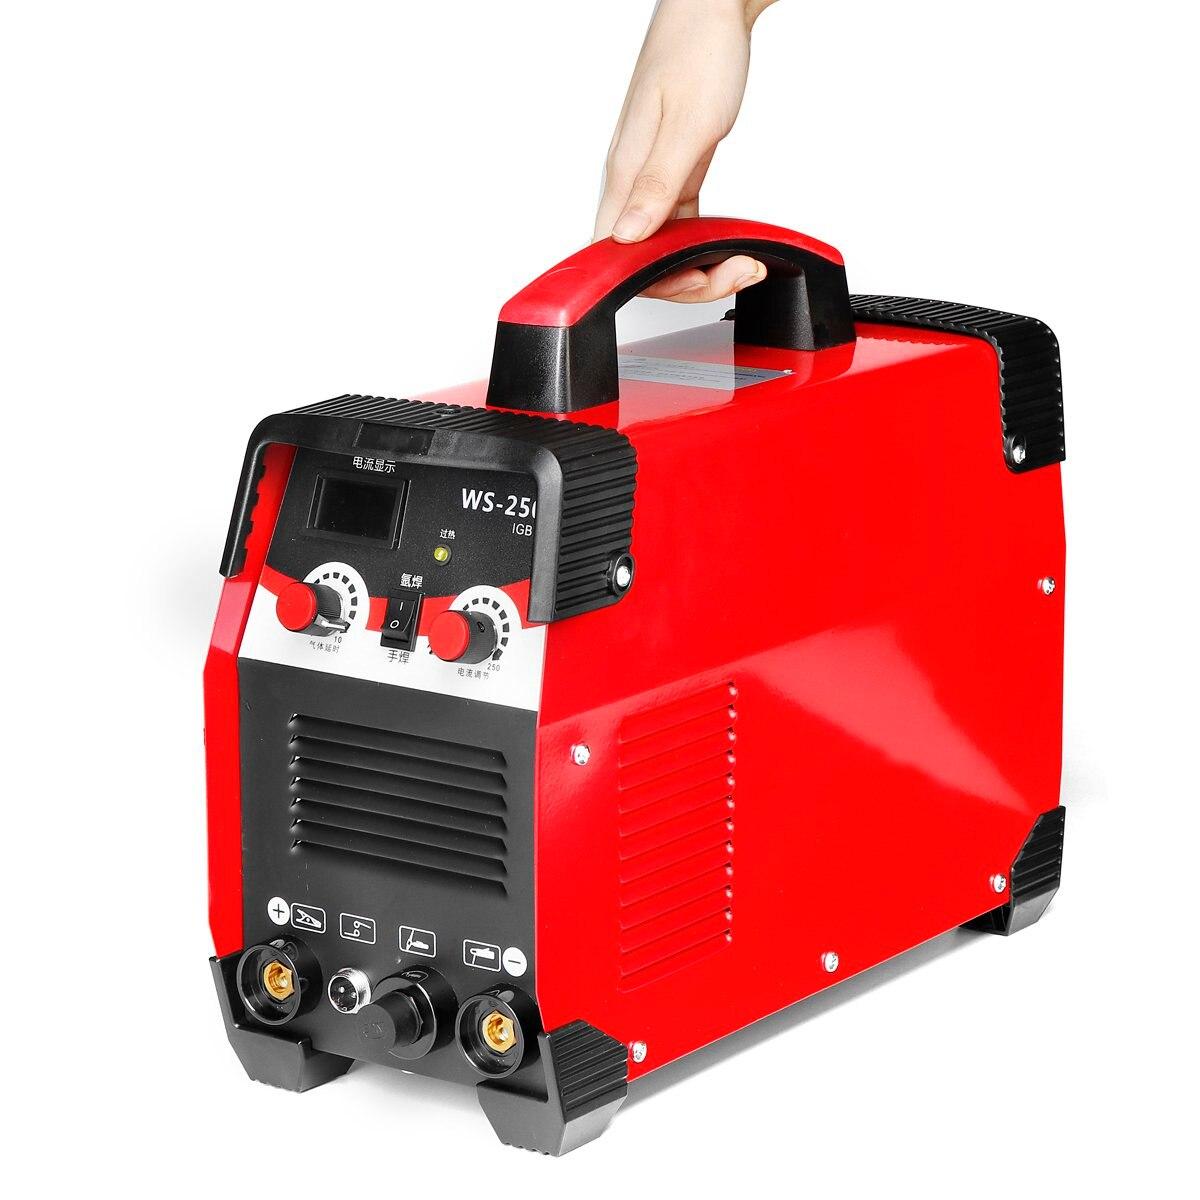 2IN1 220 V 7700 W TIG/ARC Saldatrice Elettrica BASTONE di 20-250A MMA IGBT Inverter Per Saldatura di Lavoro e elettrica di Lavoro